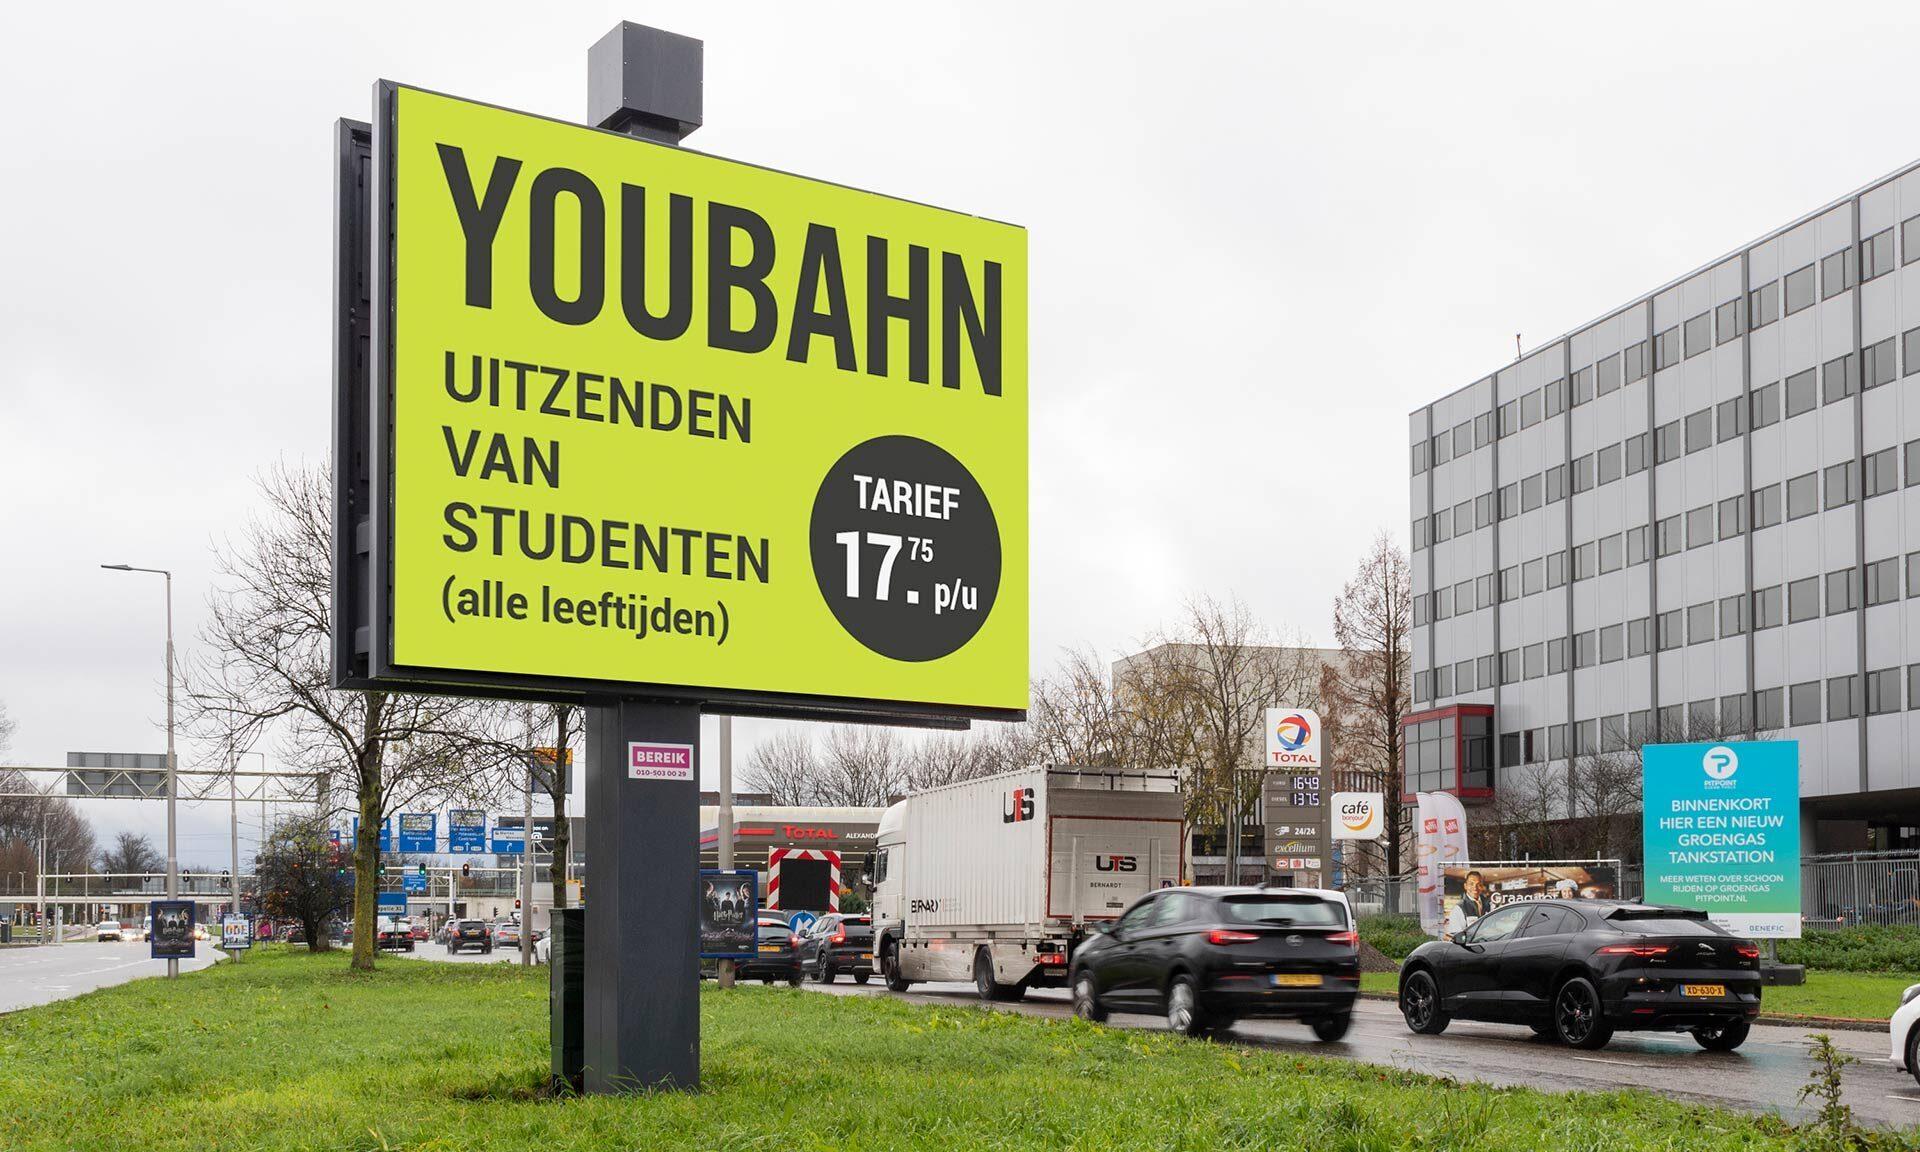 Digitaal billboard digitale reclame